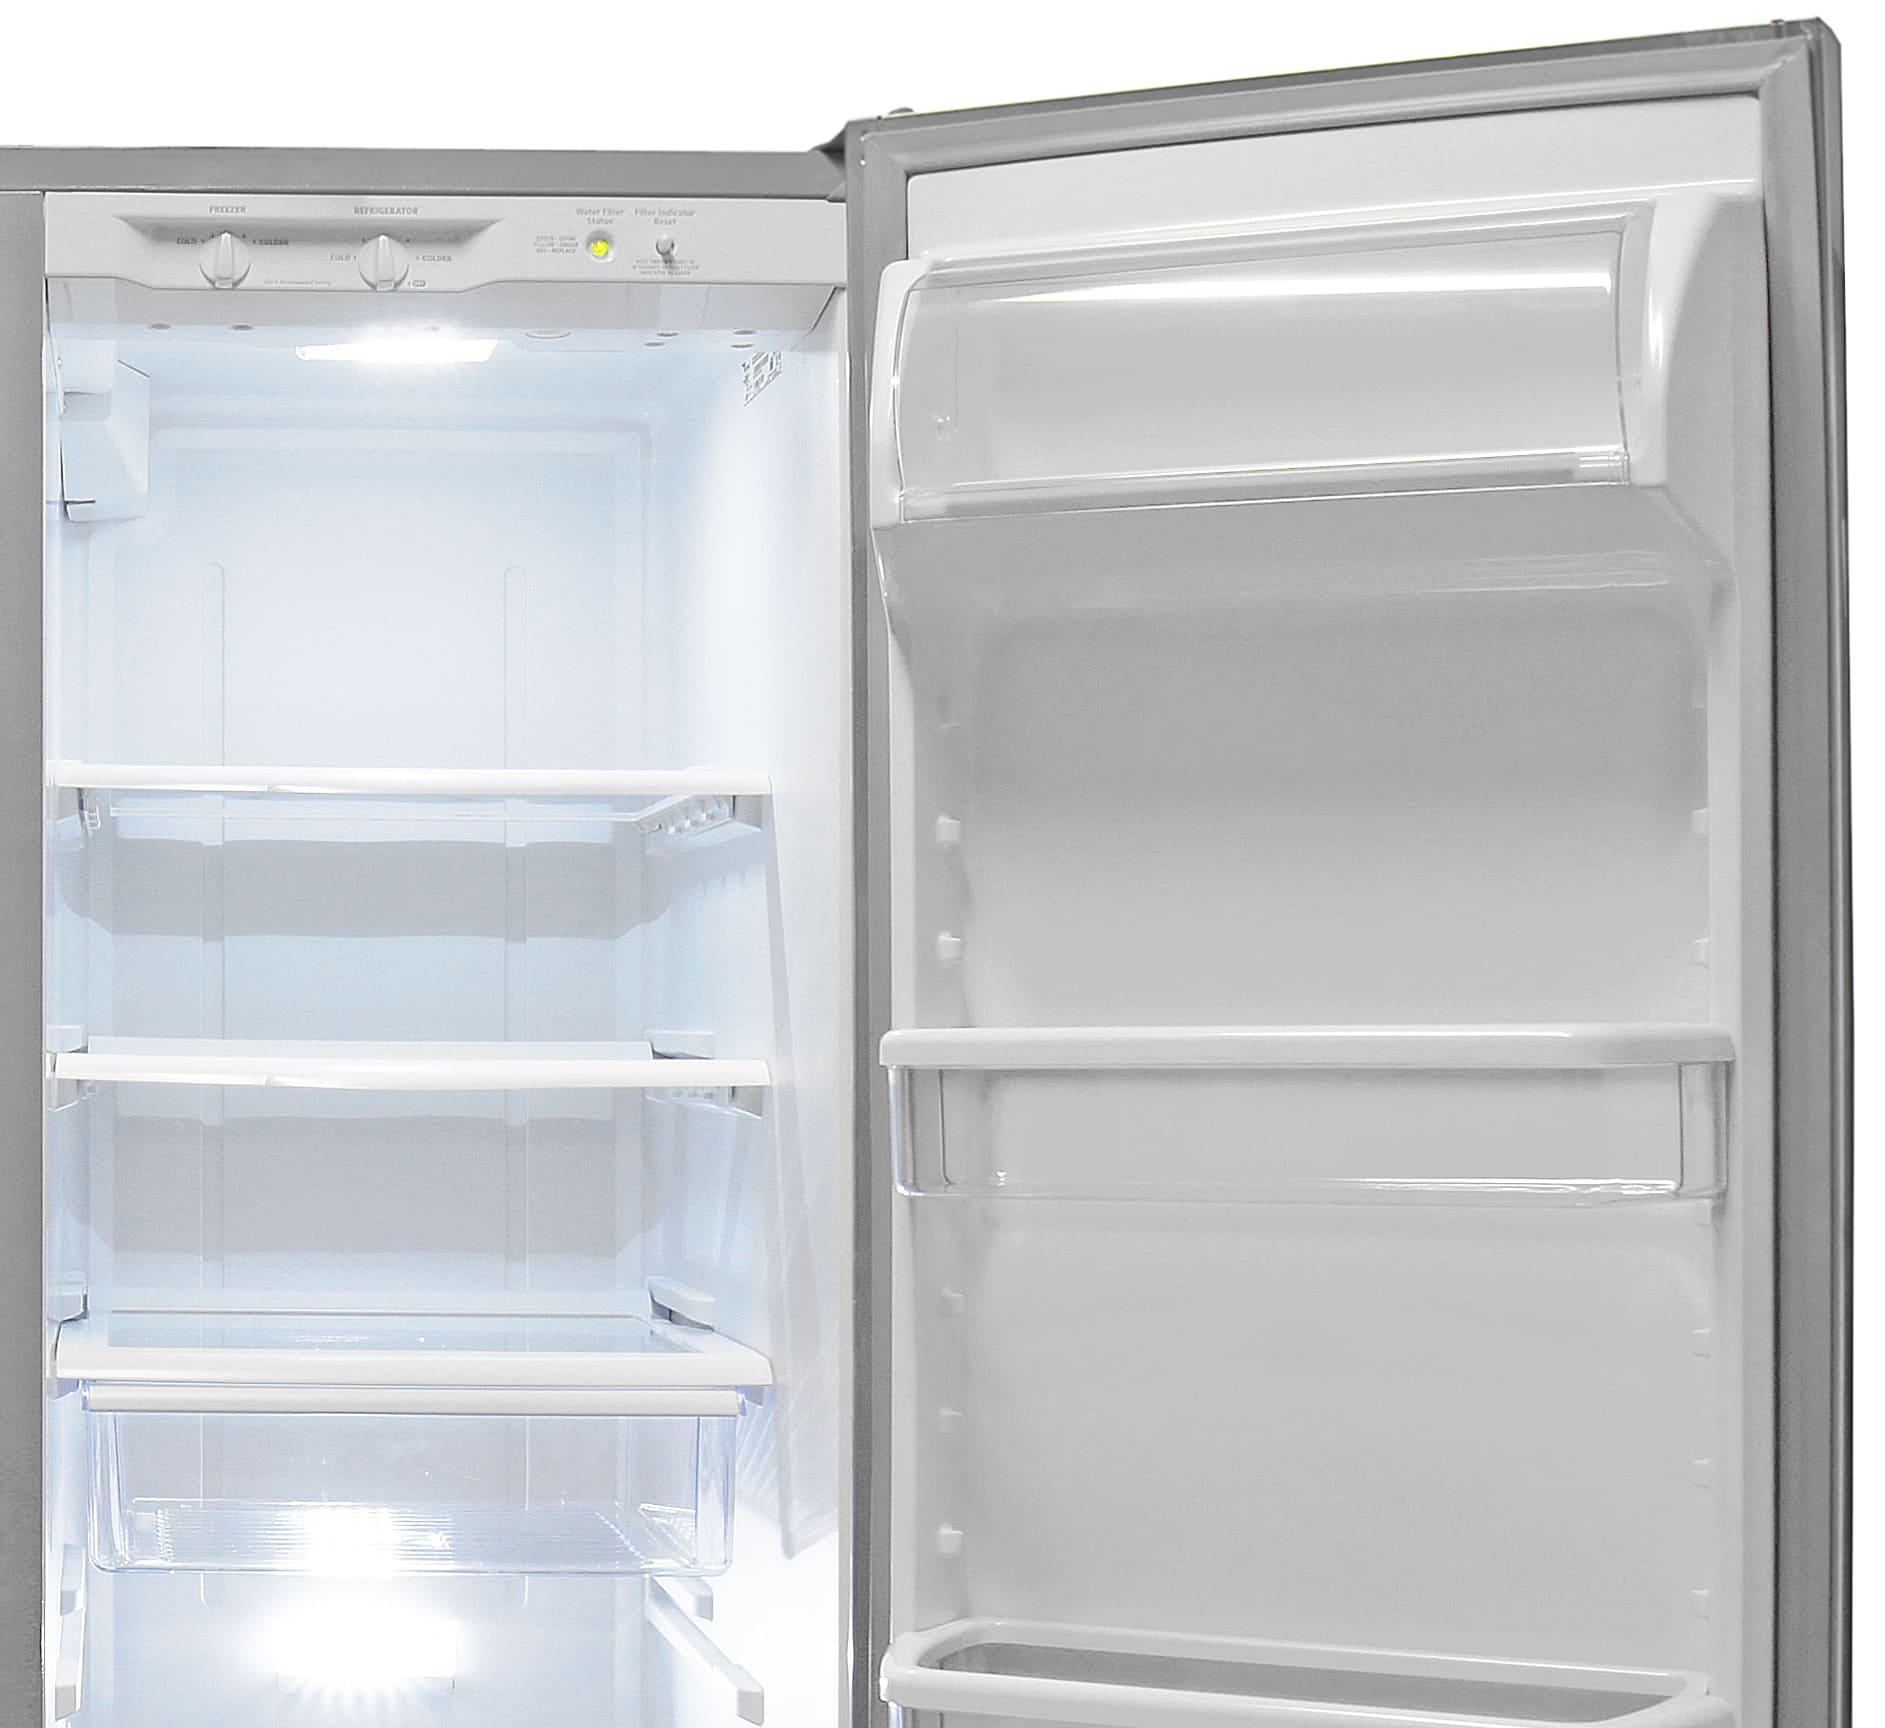 Whirlpool Wrs325fdam Refrigerator Review Reviewed Com